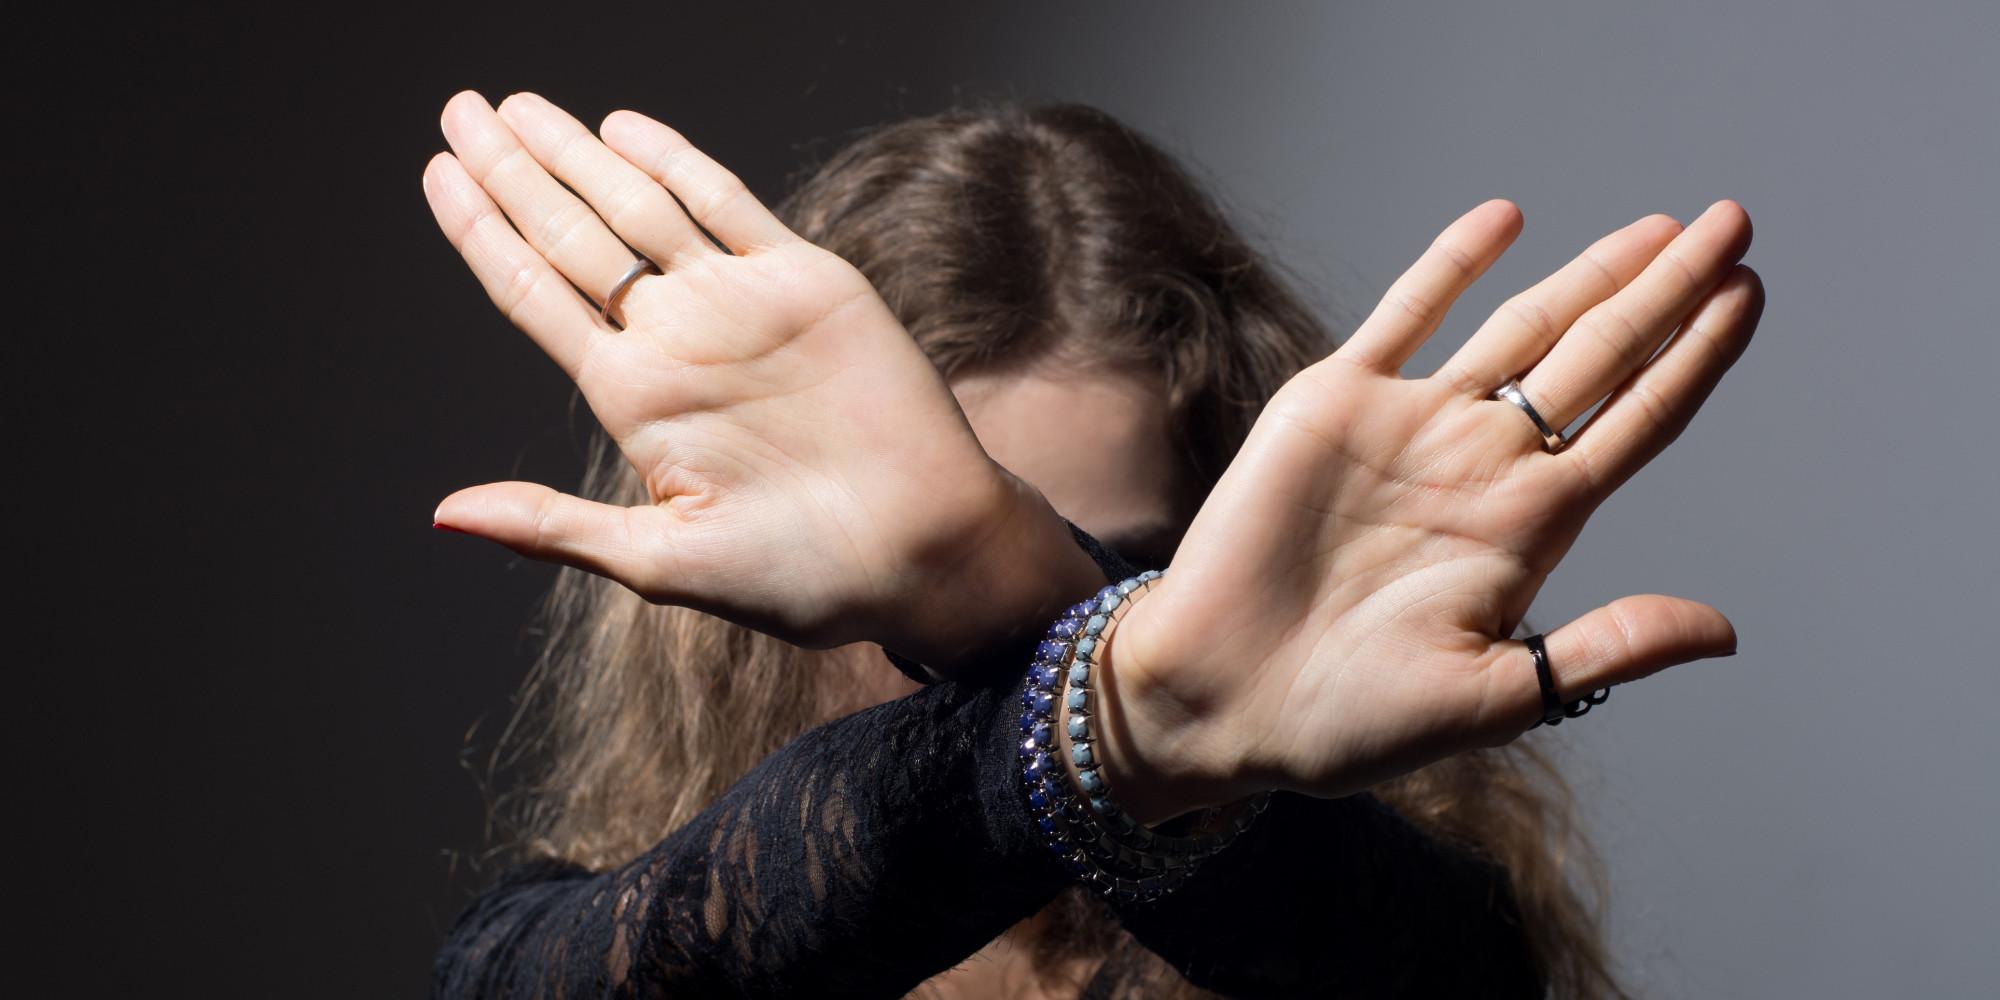 Insécurité envers les femmes: une responsabilité multiple